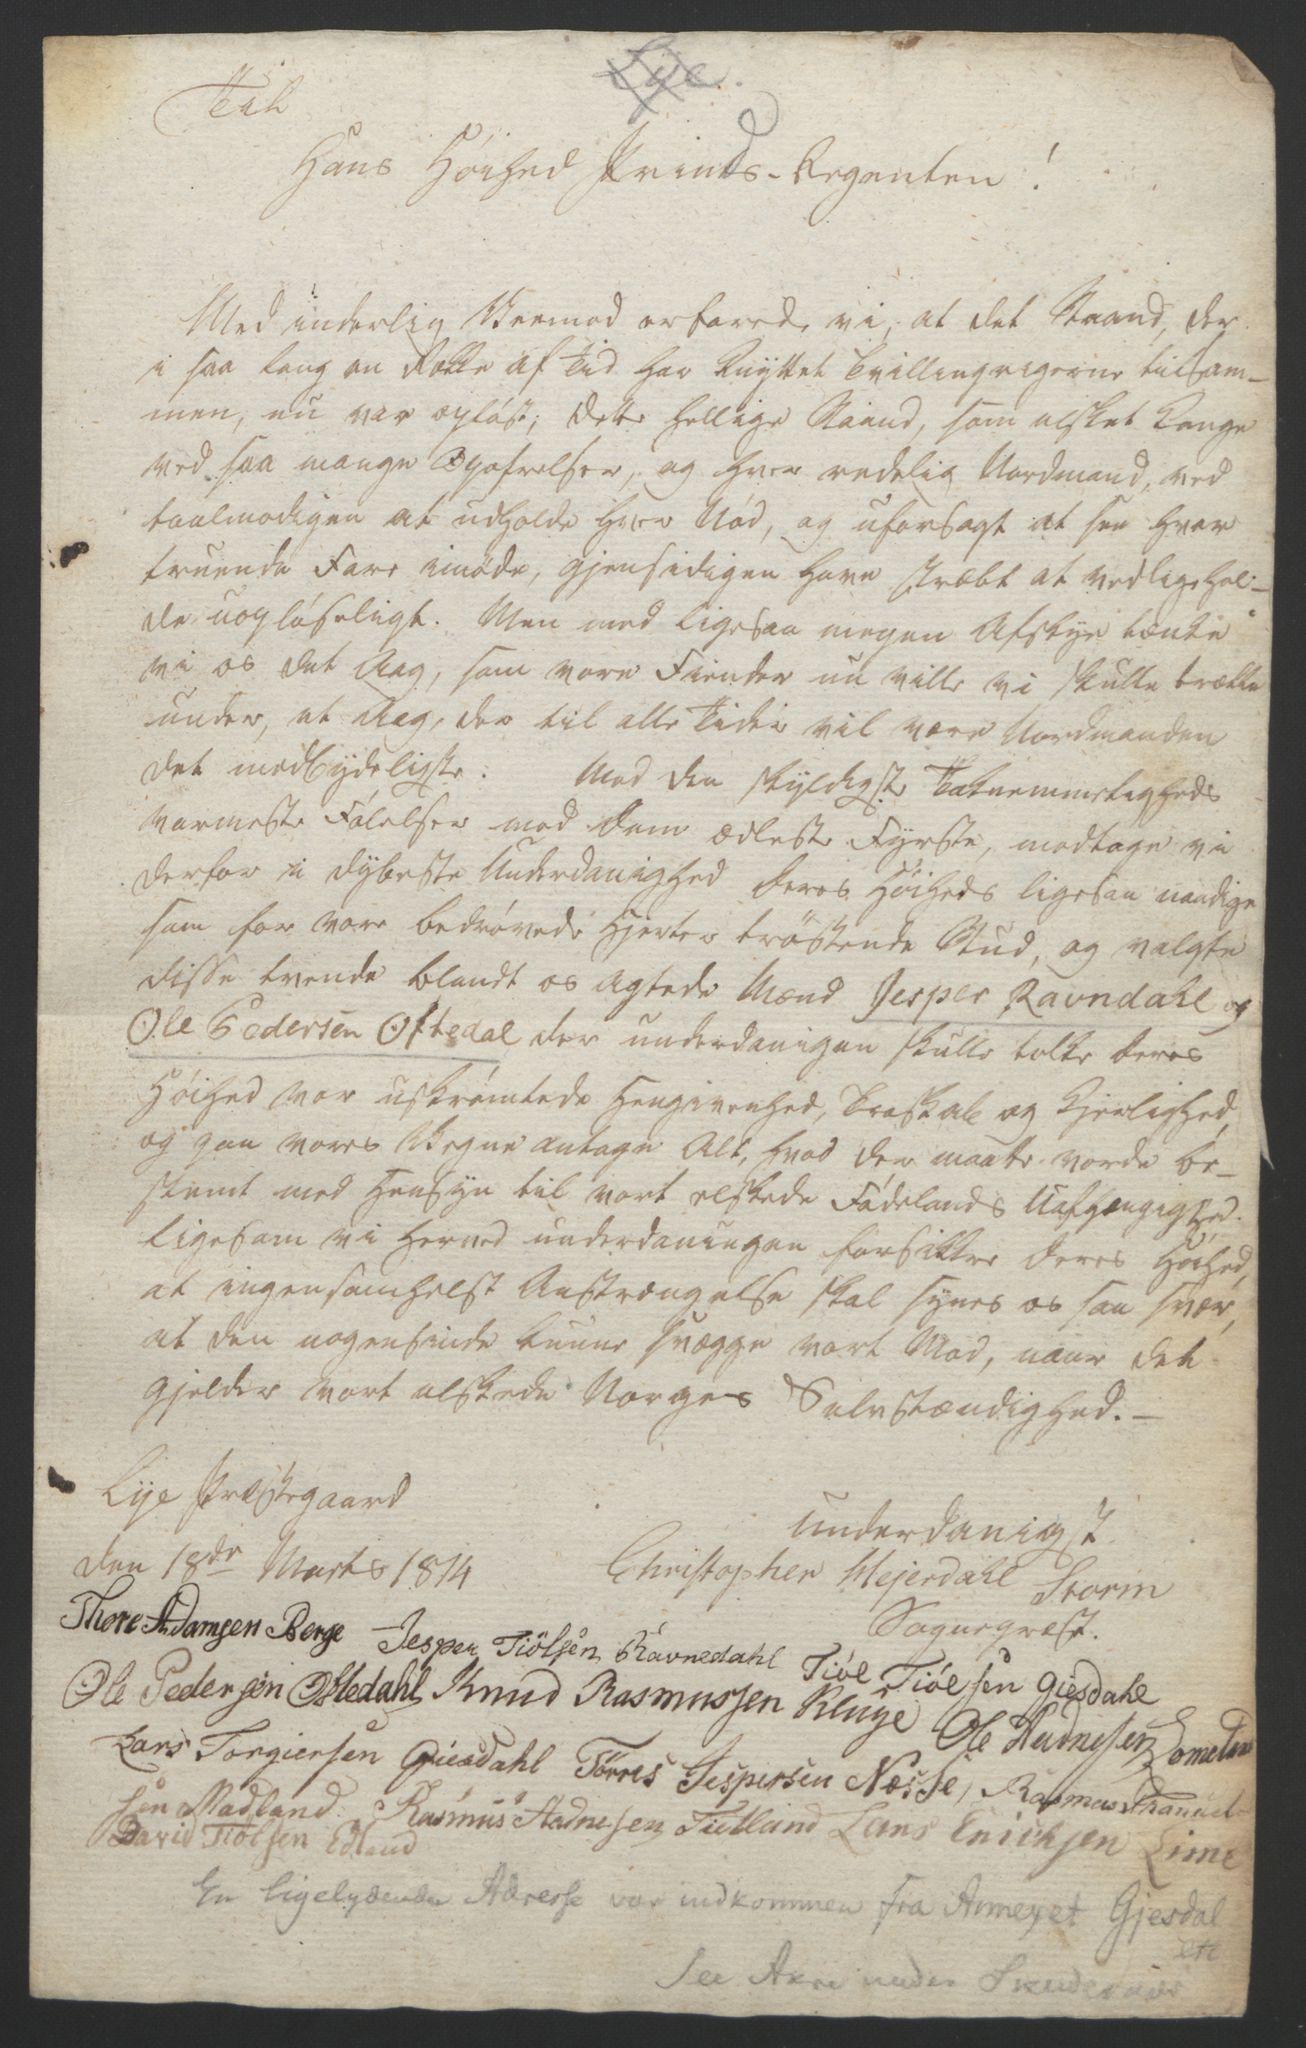 RA, Statsrådssekretariatet, D/Db/L0008: Fullmakter for Eidsvollsrepresentantene i 1814. , 1814, s. 235